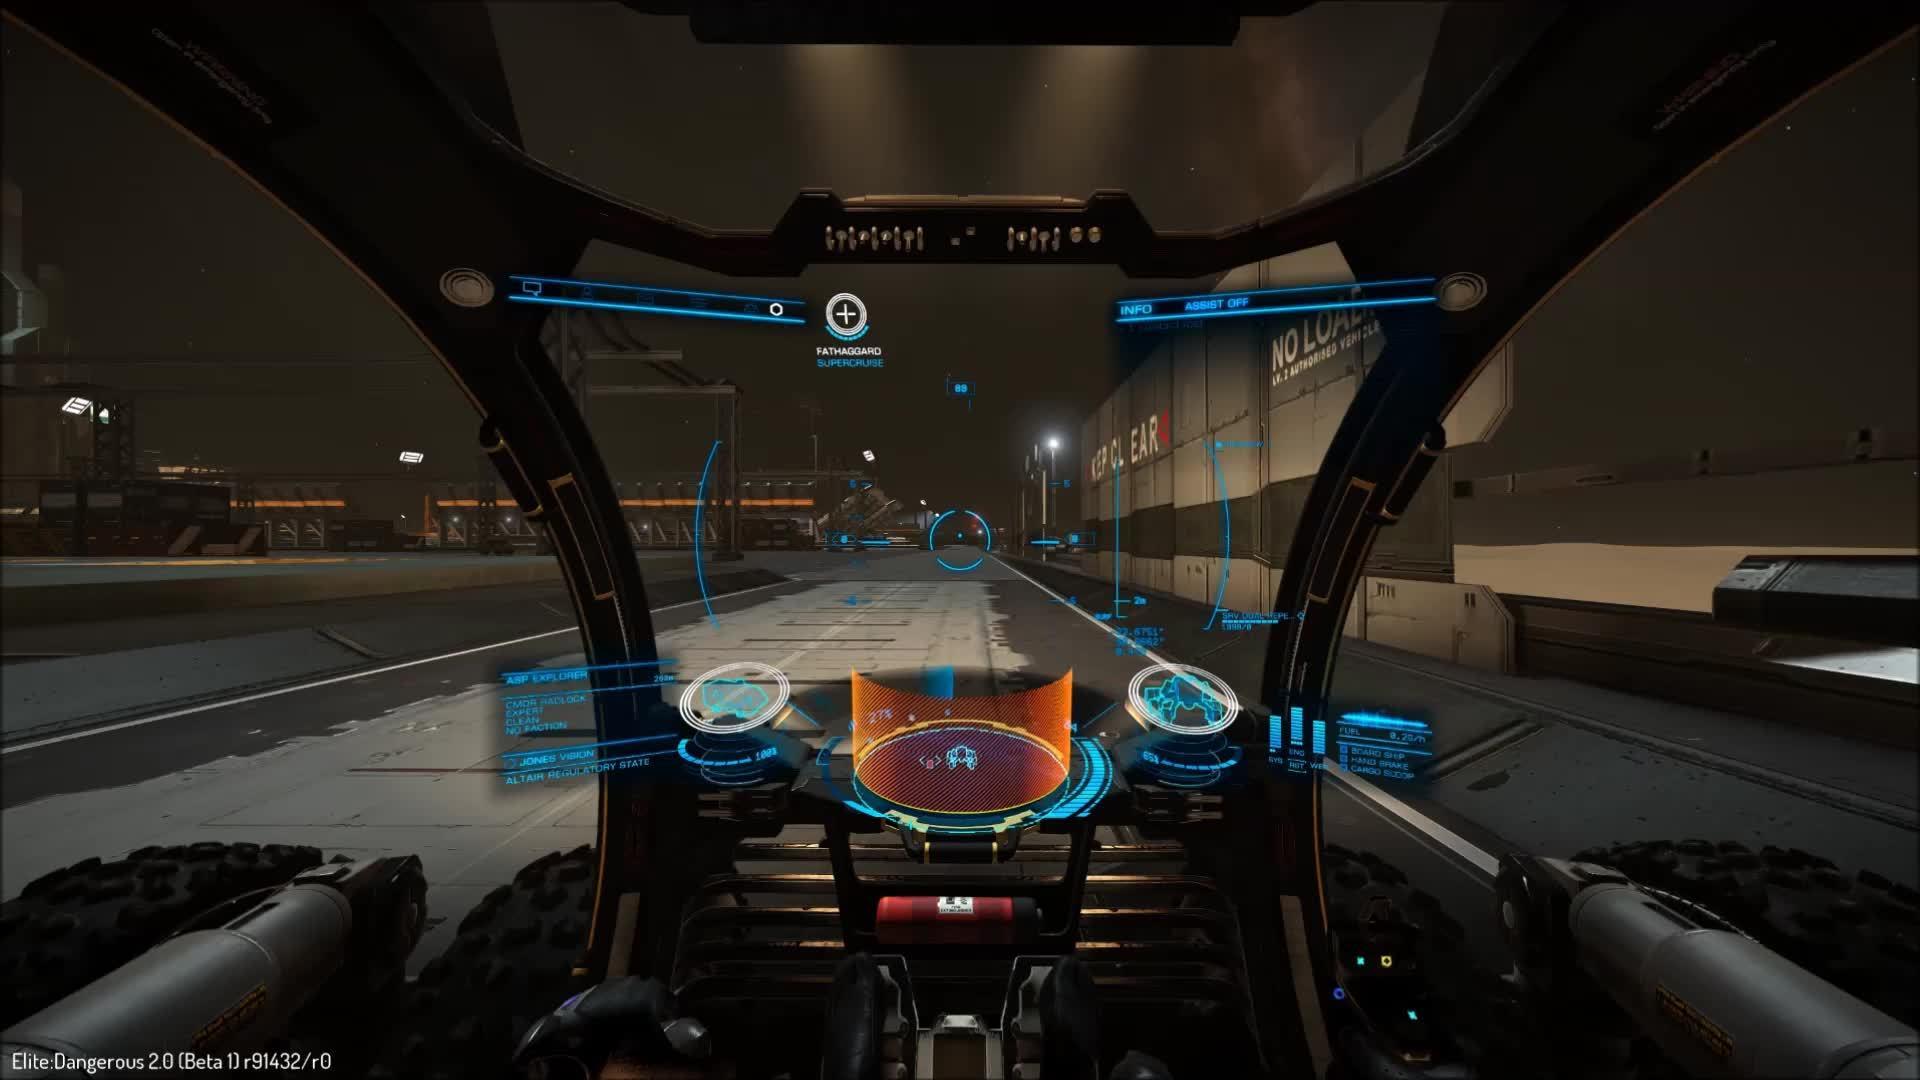 eliteracers, srv flyby 2 GIFs